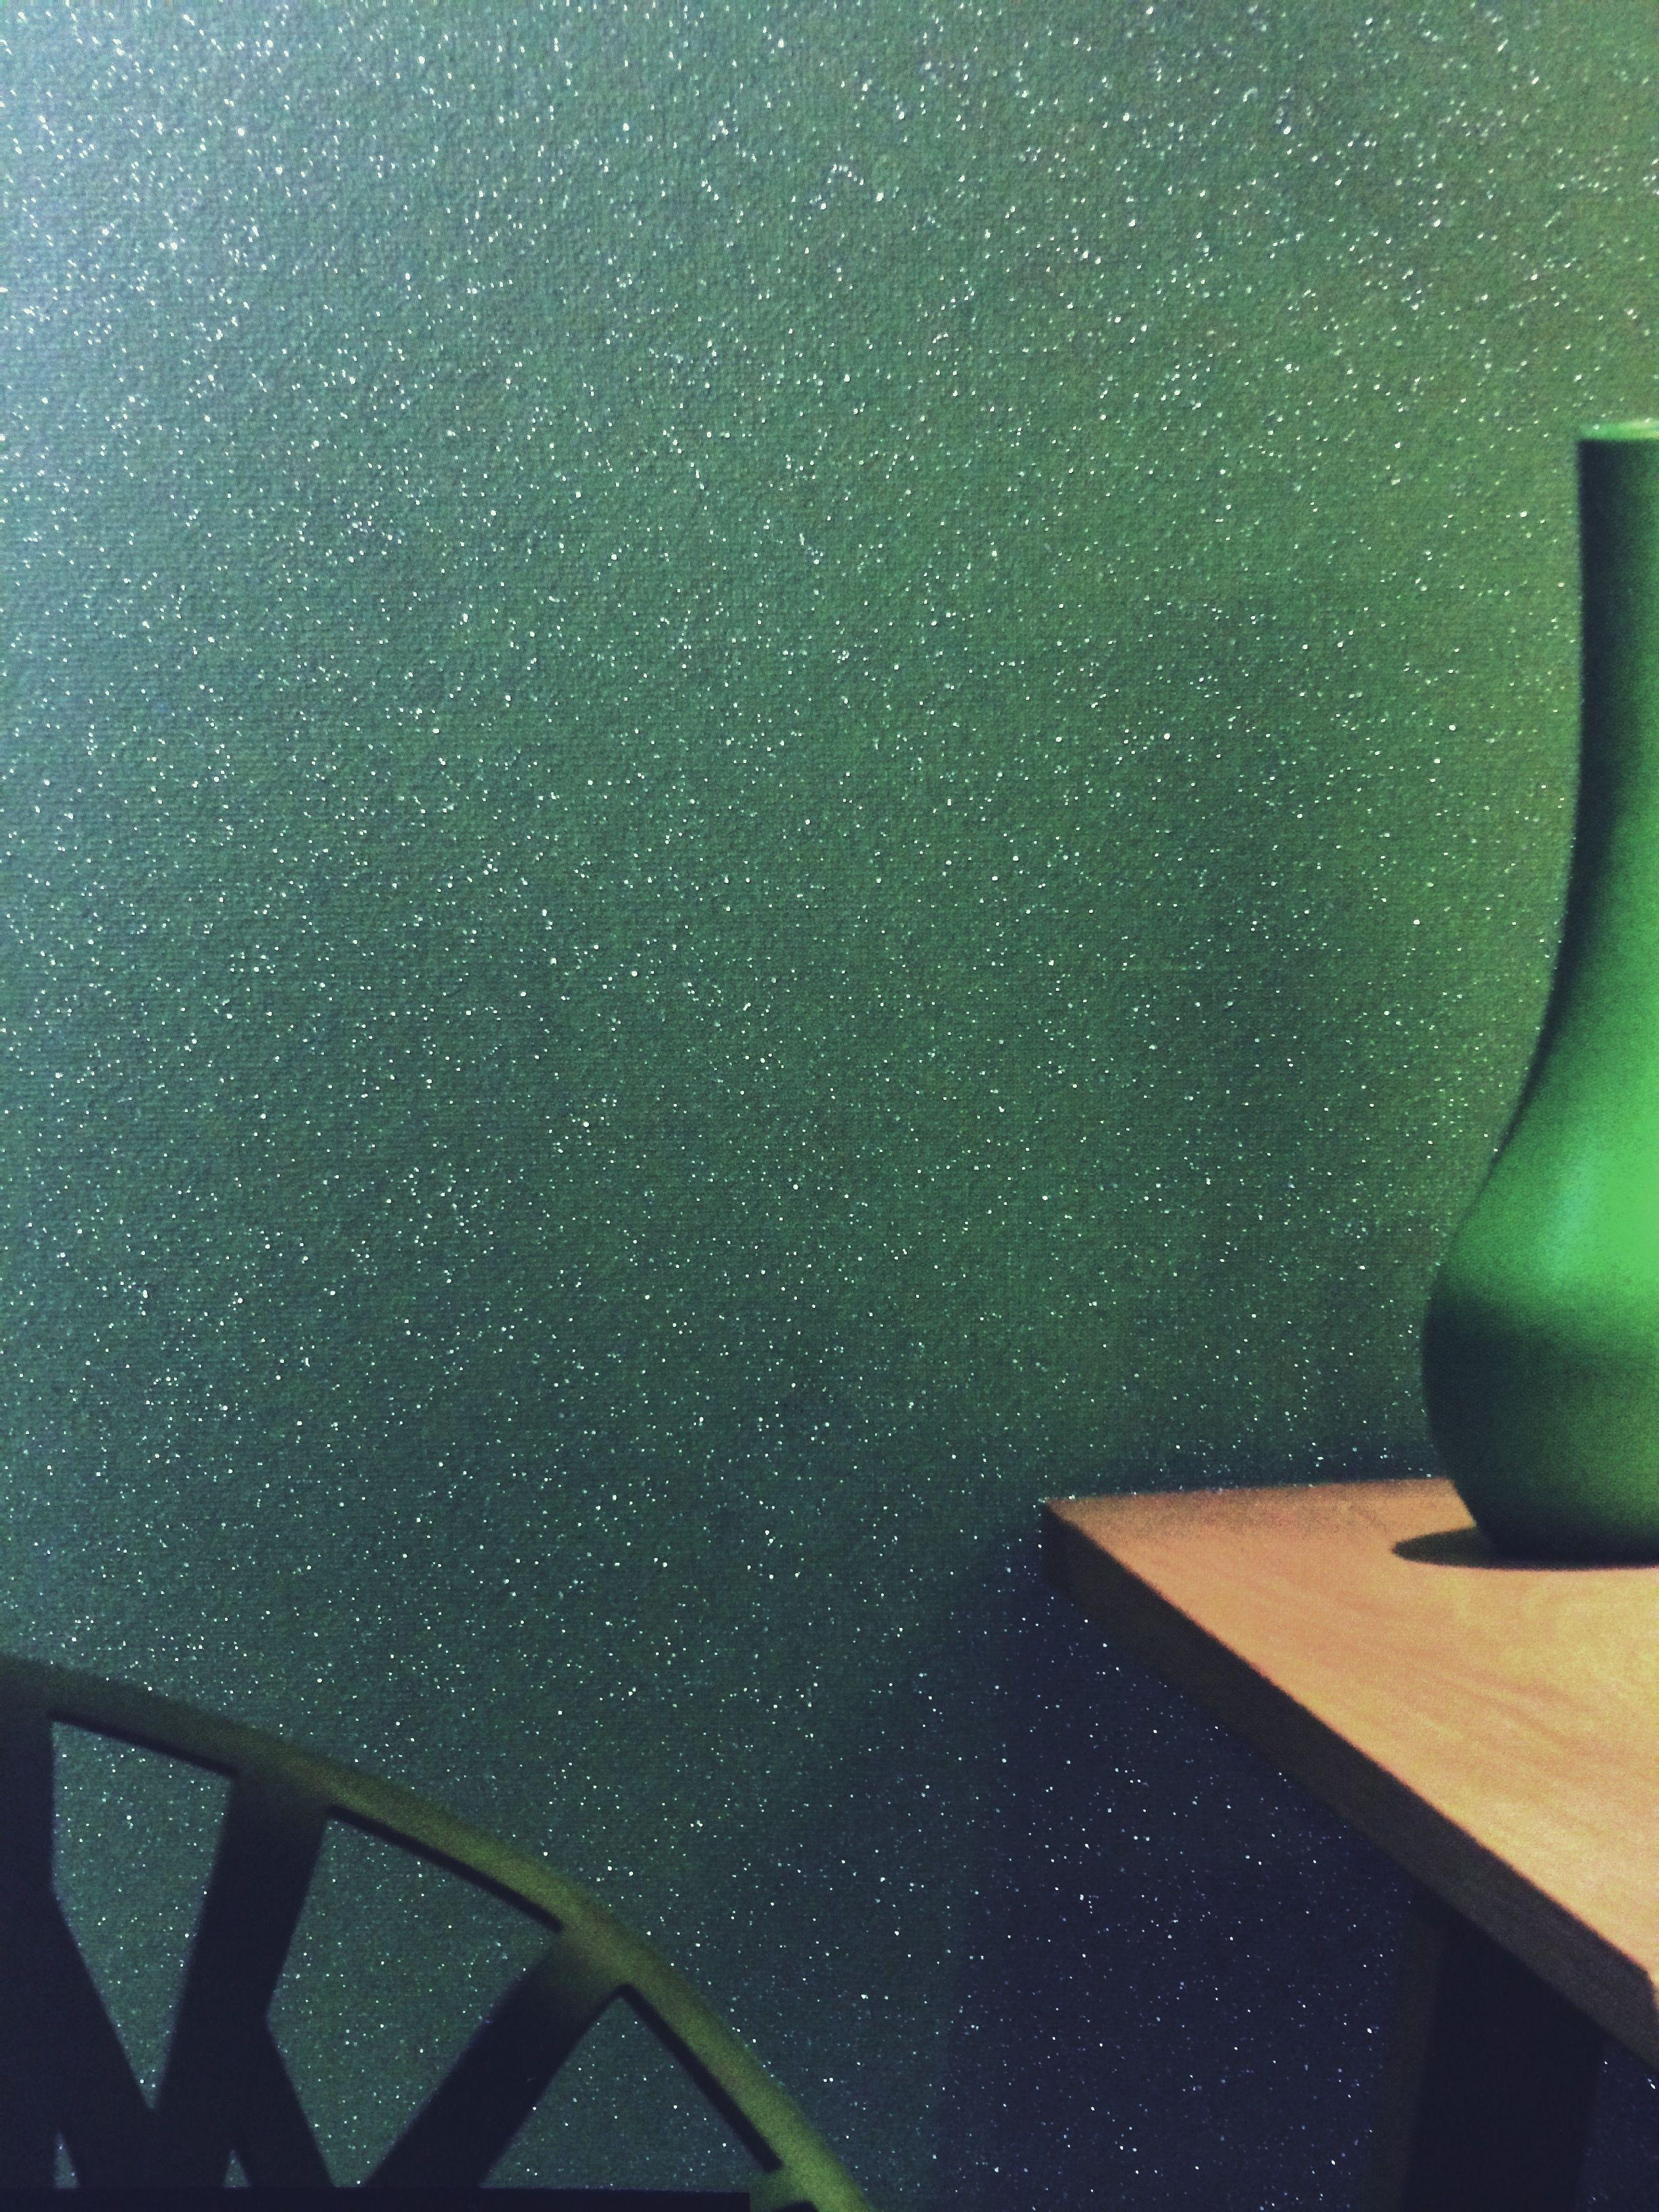 Subito a casa e in tutta sicurezza con ebay! Decorglitter Glitter On The Walls Http Decofinish Com Portfolio Item Decorglitter Fauxfinish Oikos Interiordesign Interior Design Deco Faux Finish